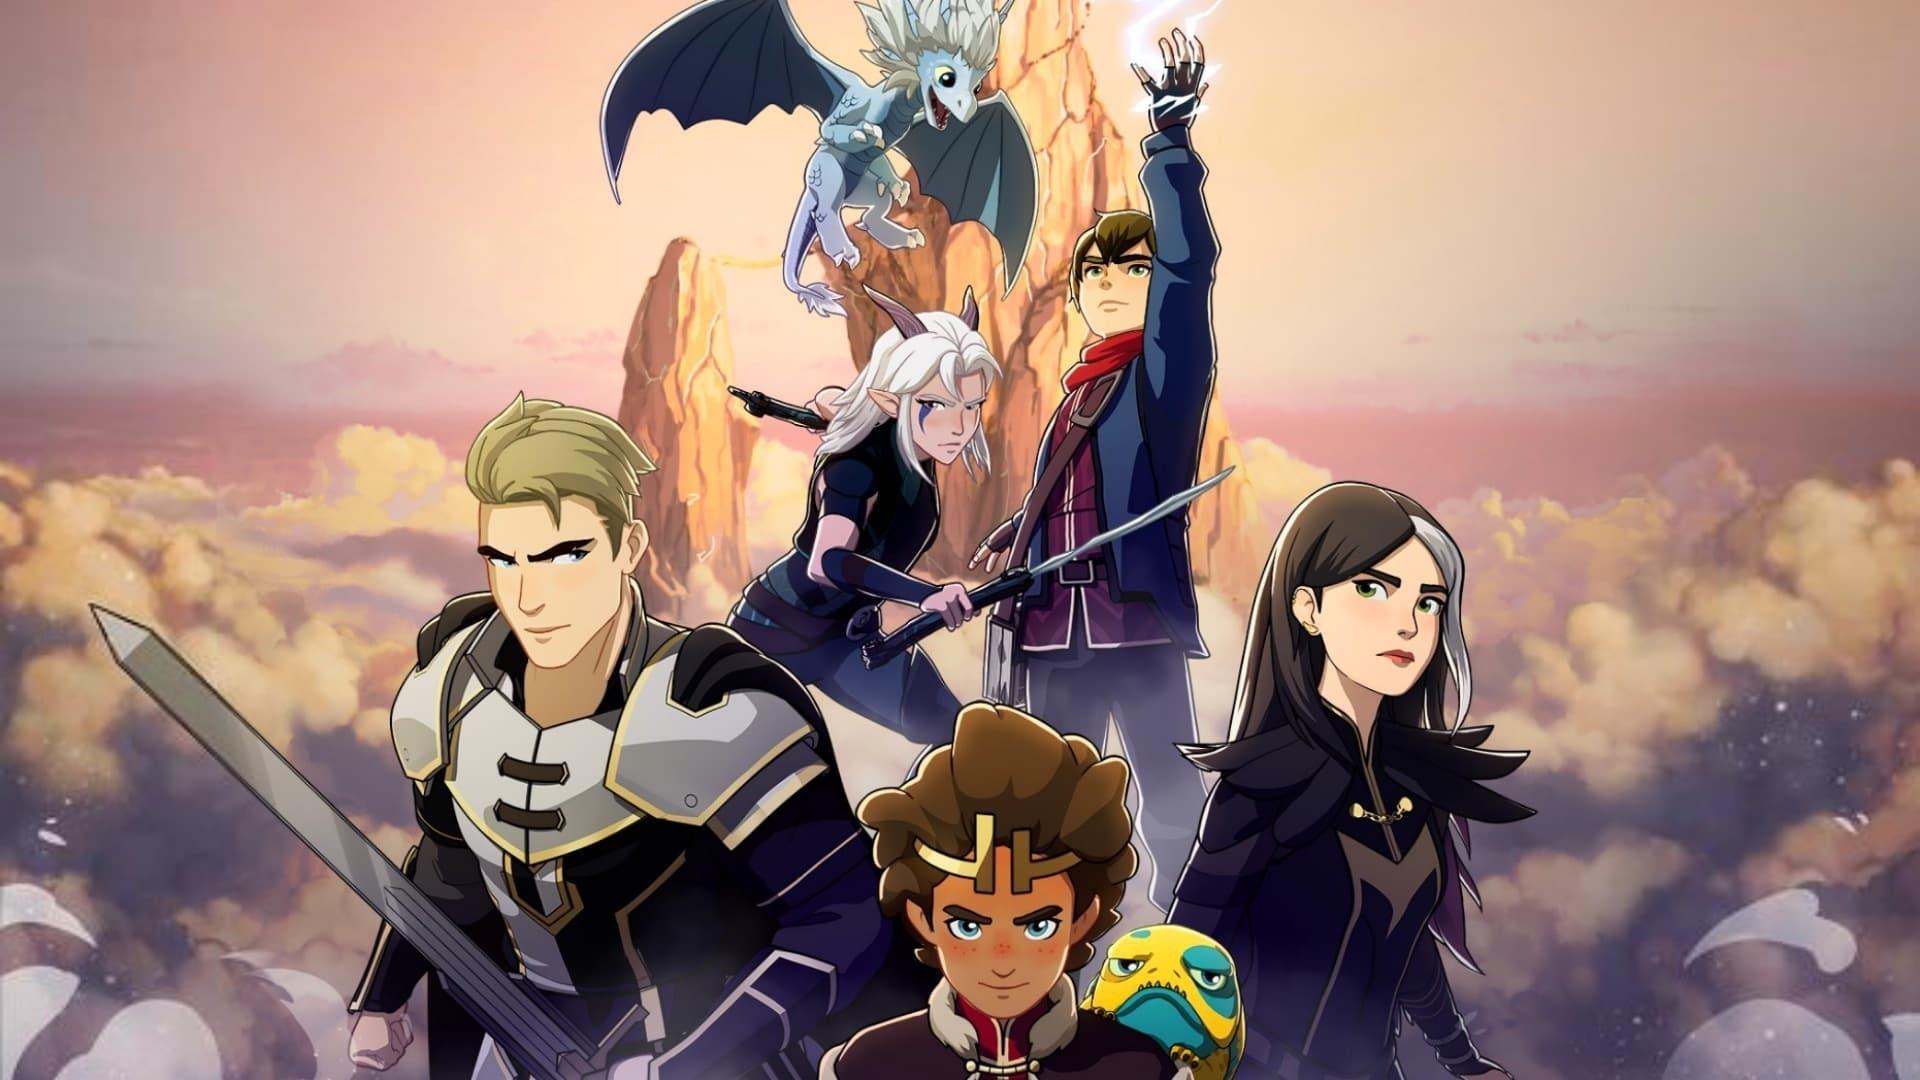 Príncipe de los dragones